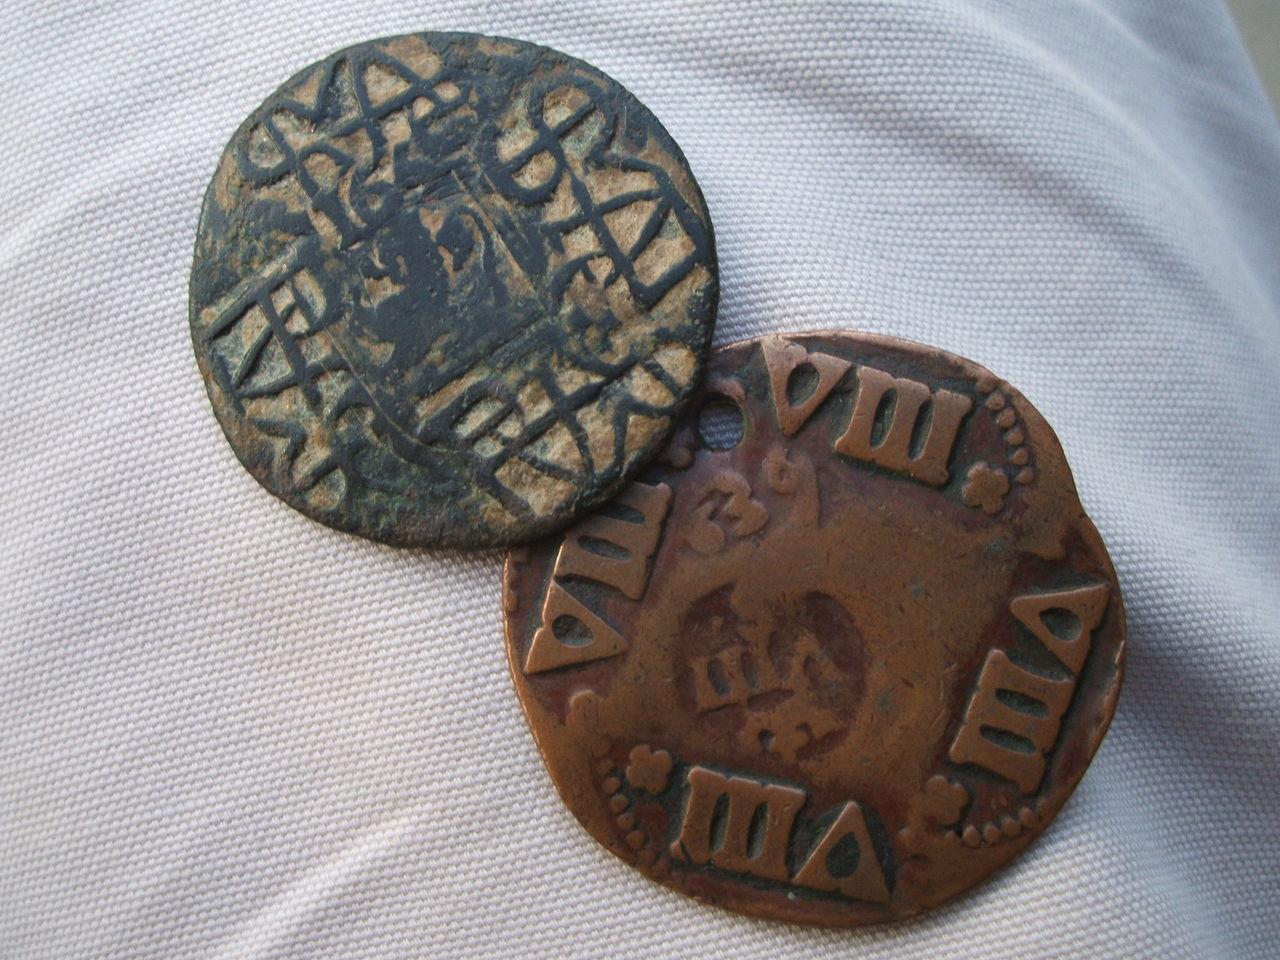 Prueba de punzón falso de época del resello del anagrama de 1658. Image